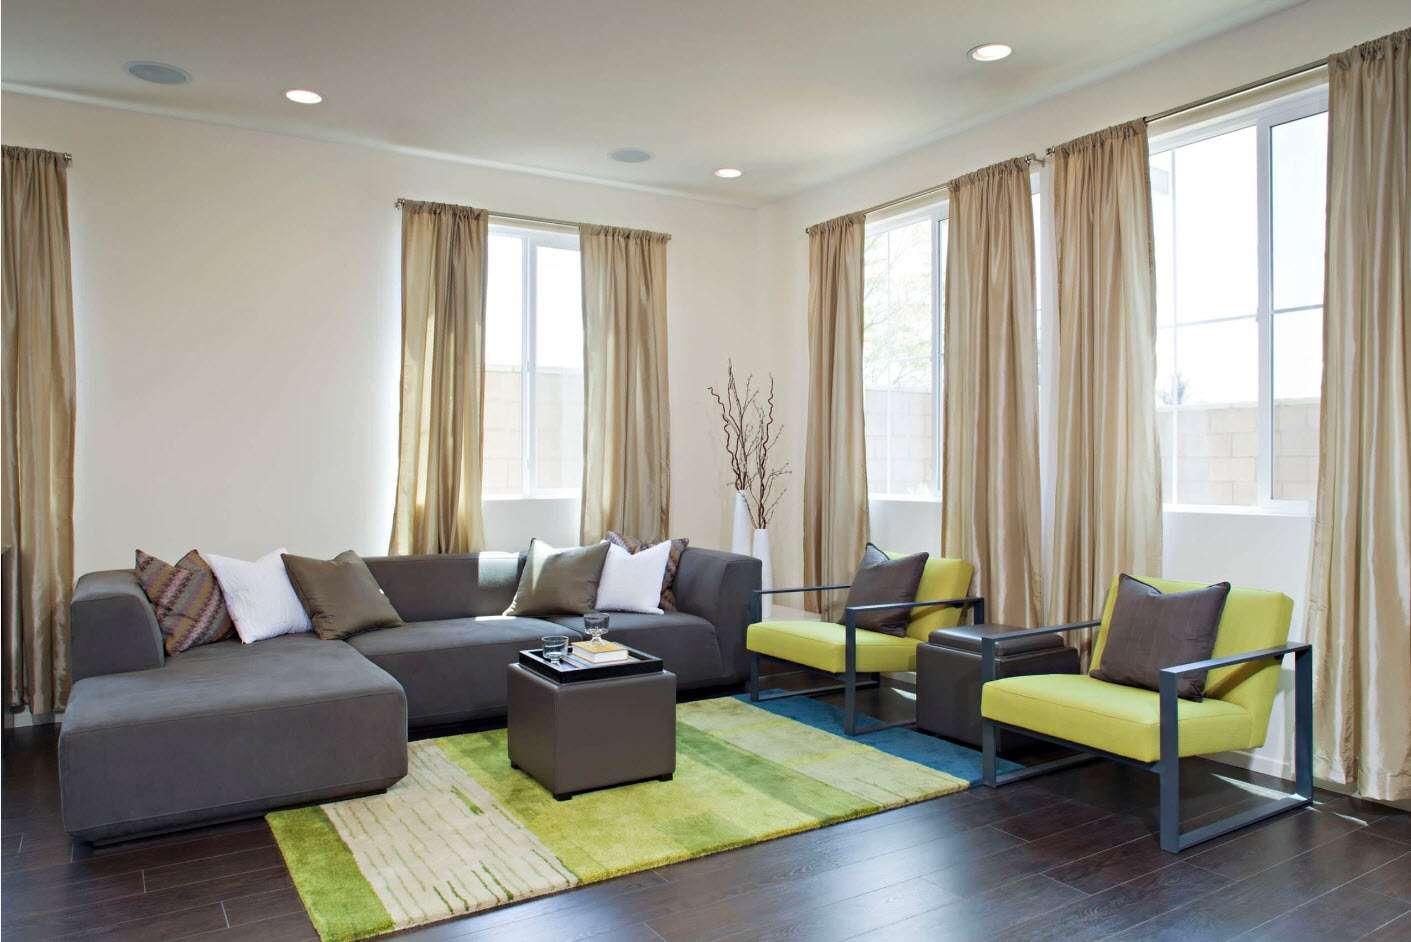 шторы на окнах в гостиной идеи дизайн